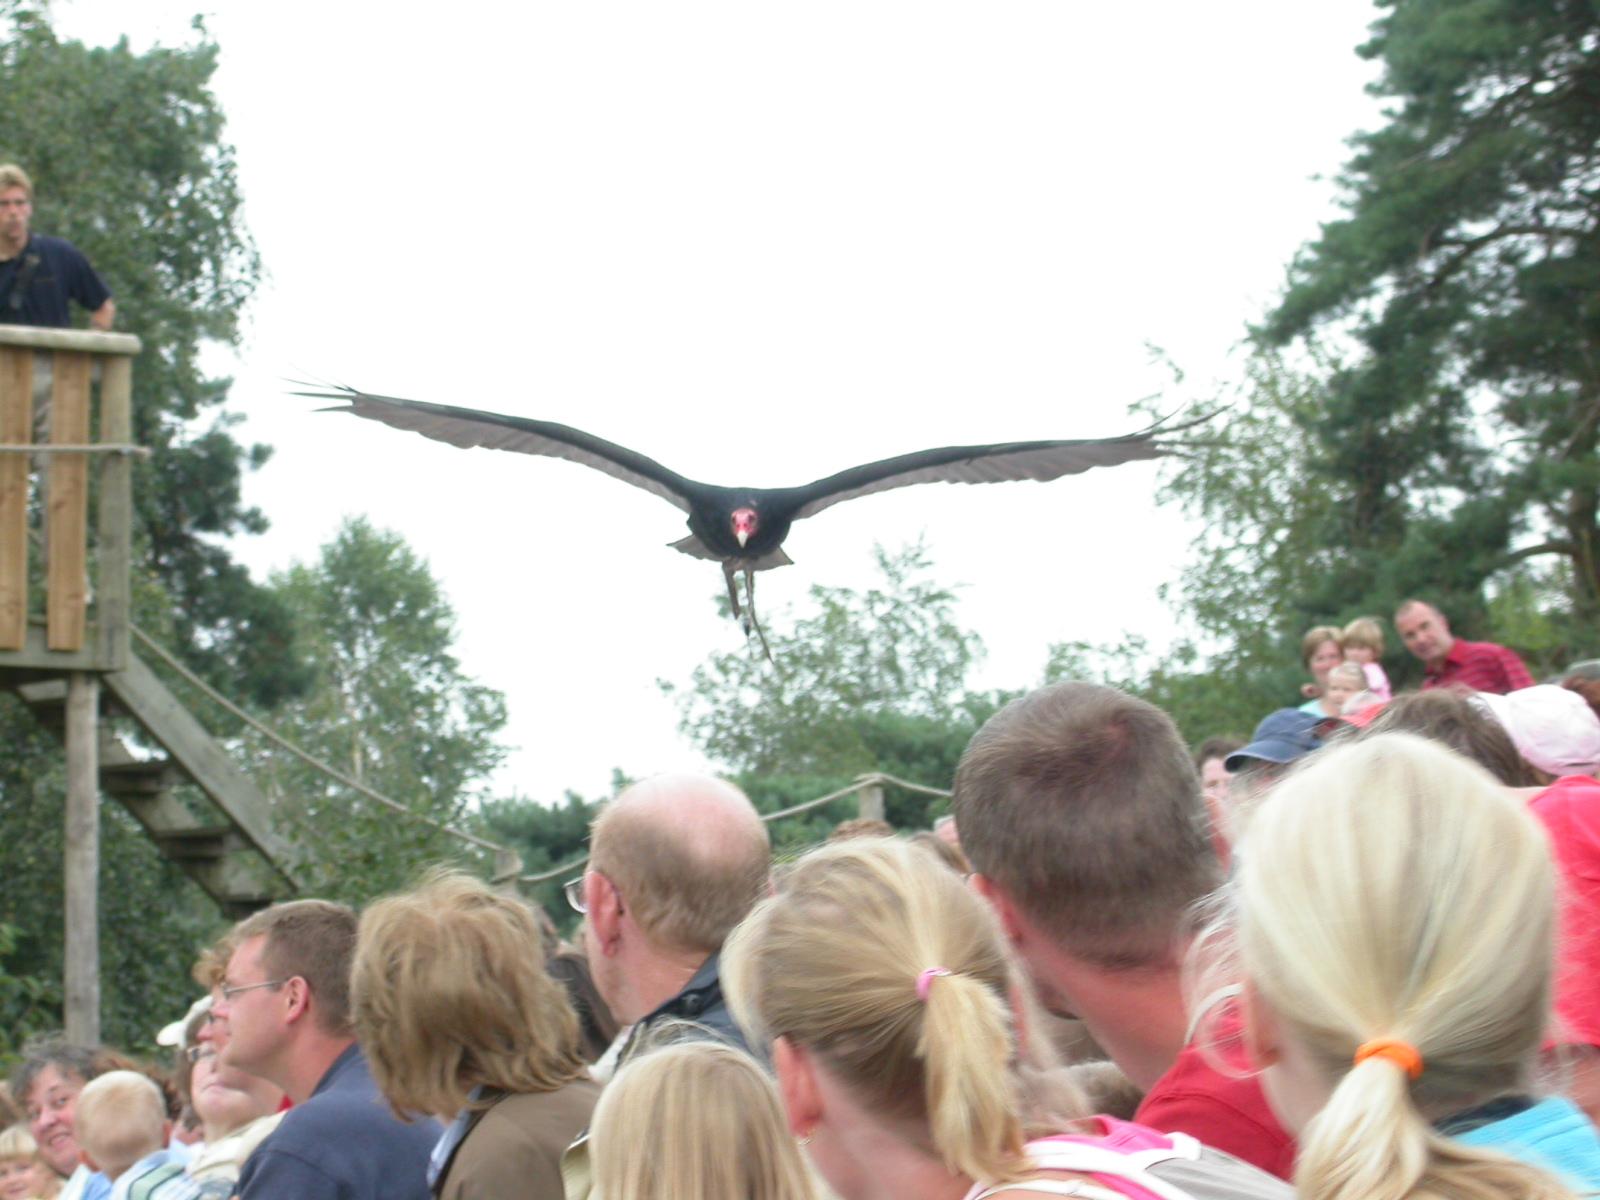 eva vulture bird of prey fly over